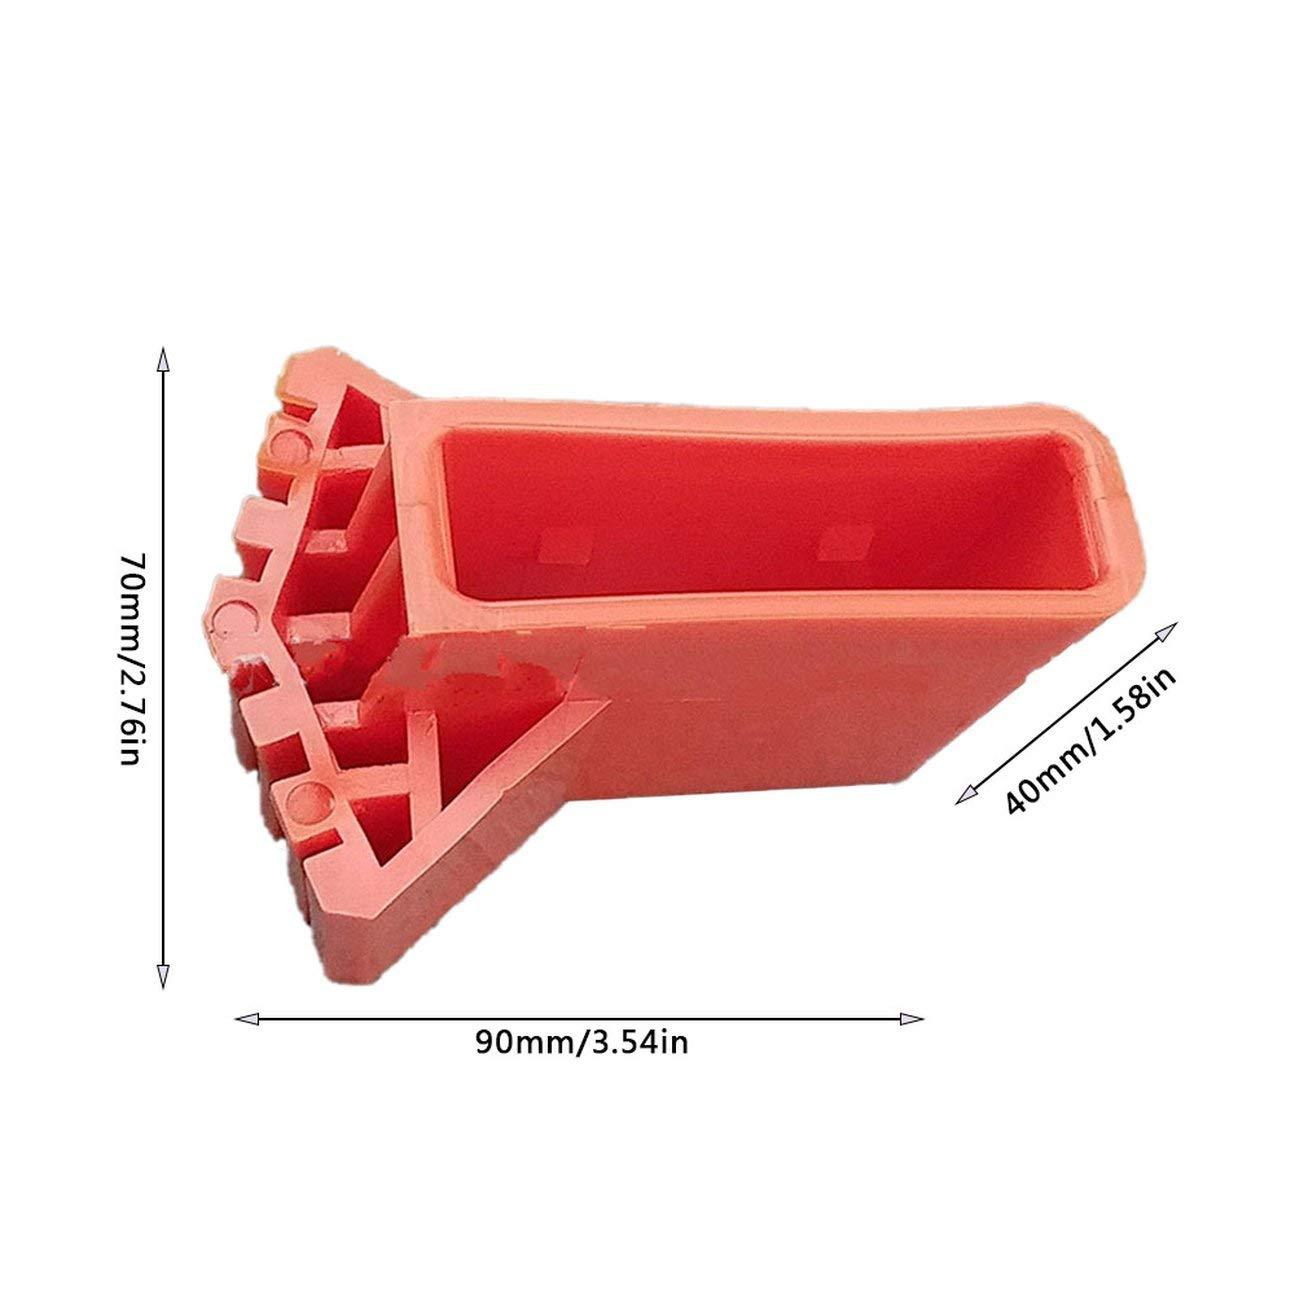 HIPENGYANBAIHU Escalera Cubierta de pie redonda Exquisita Duradera Escalera plegable multifunci/ón Cubierta de pie en forma de abanico Alfombrilla antideslizante